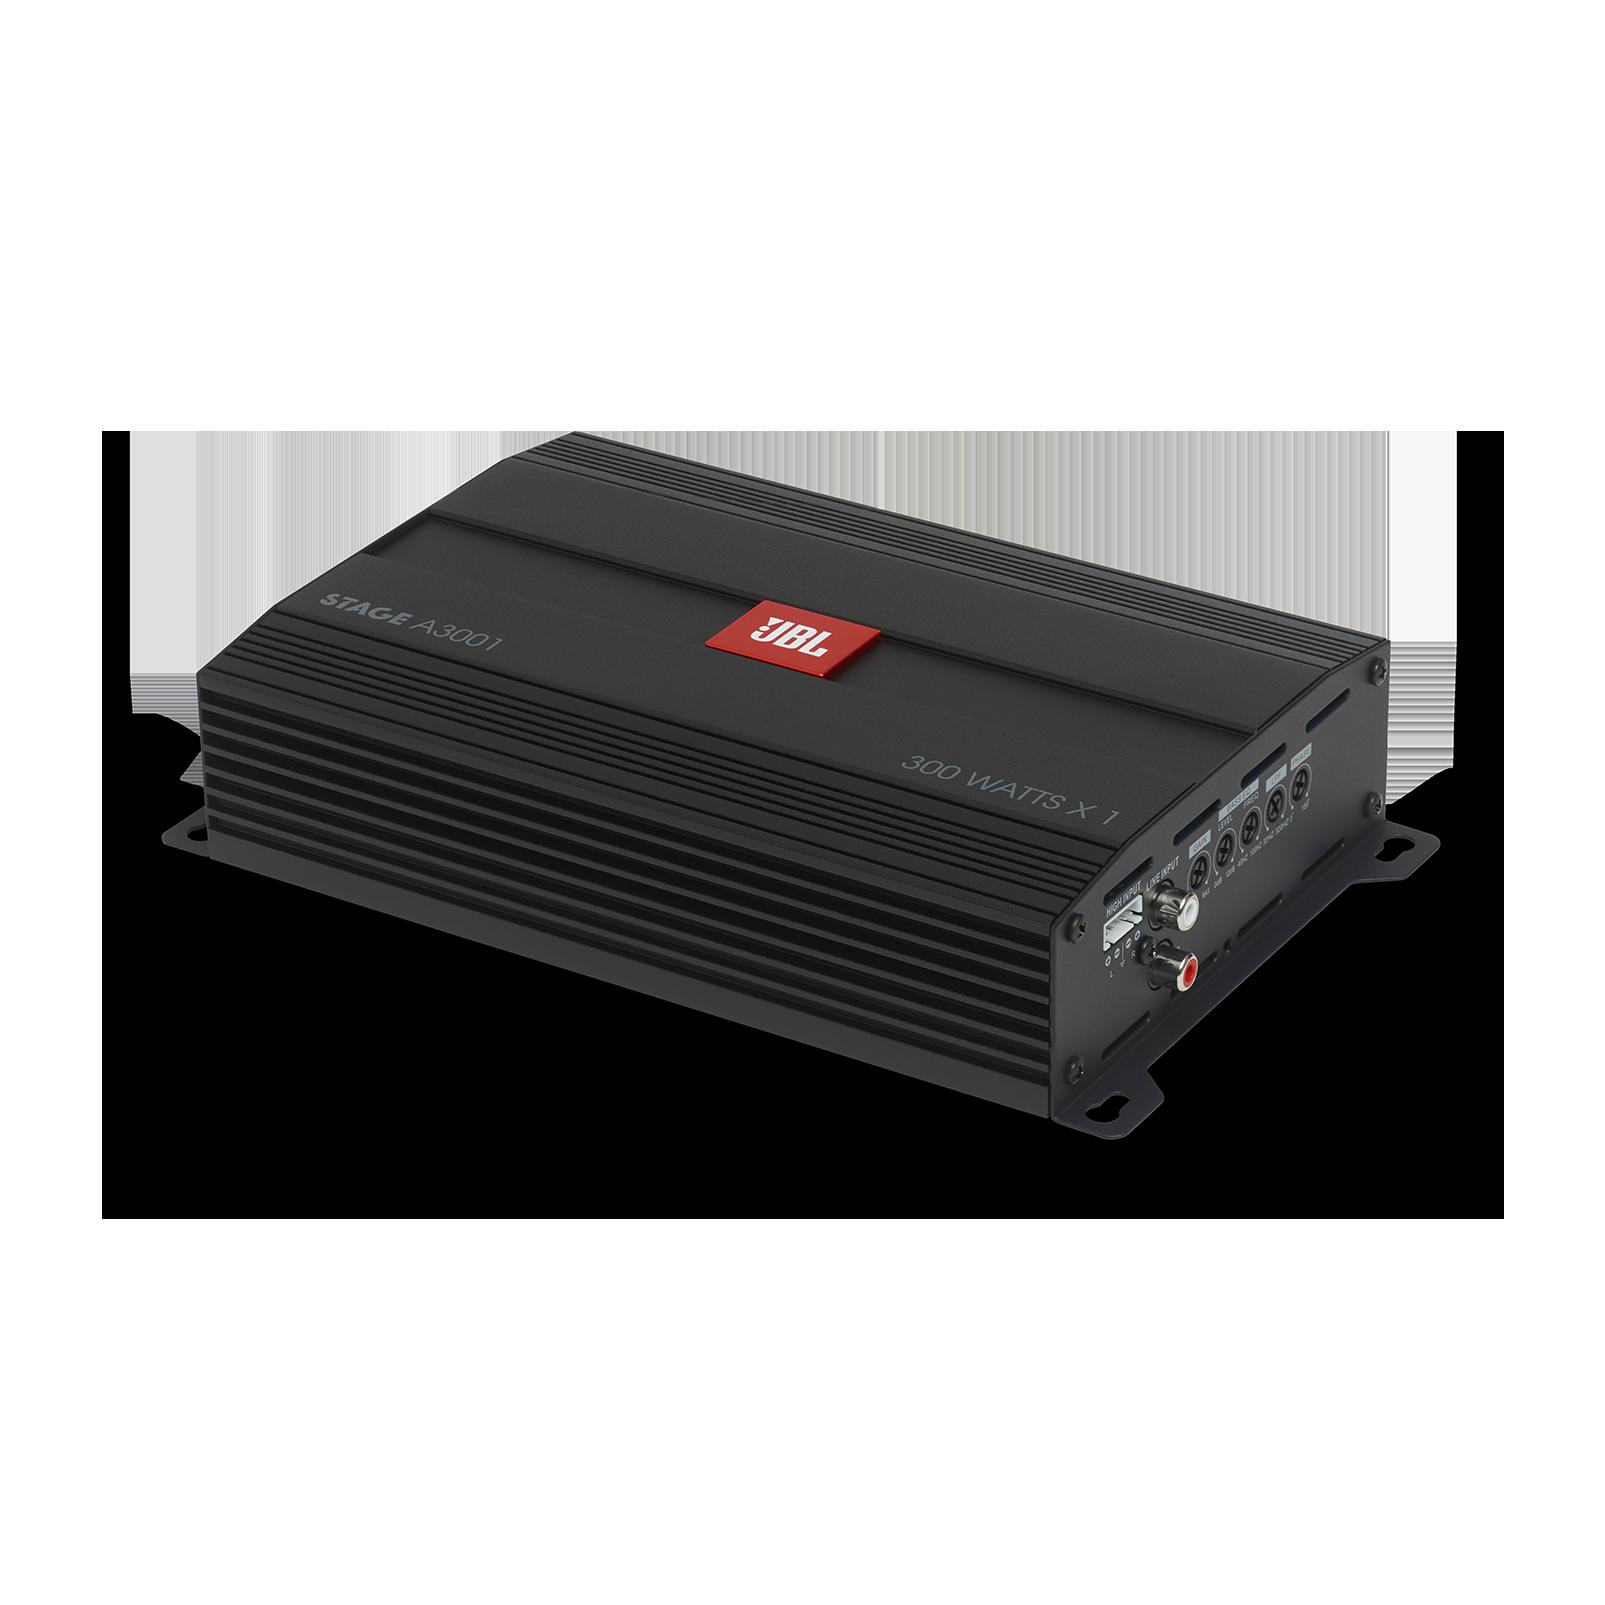 JBL Stage Amplifier A3001 - Black - Class D Car Audio Amplifier - Hero